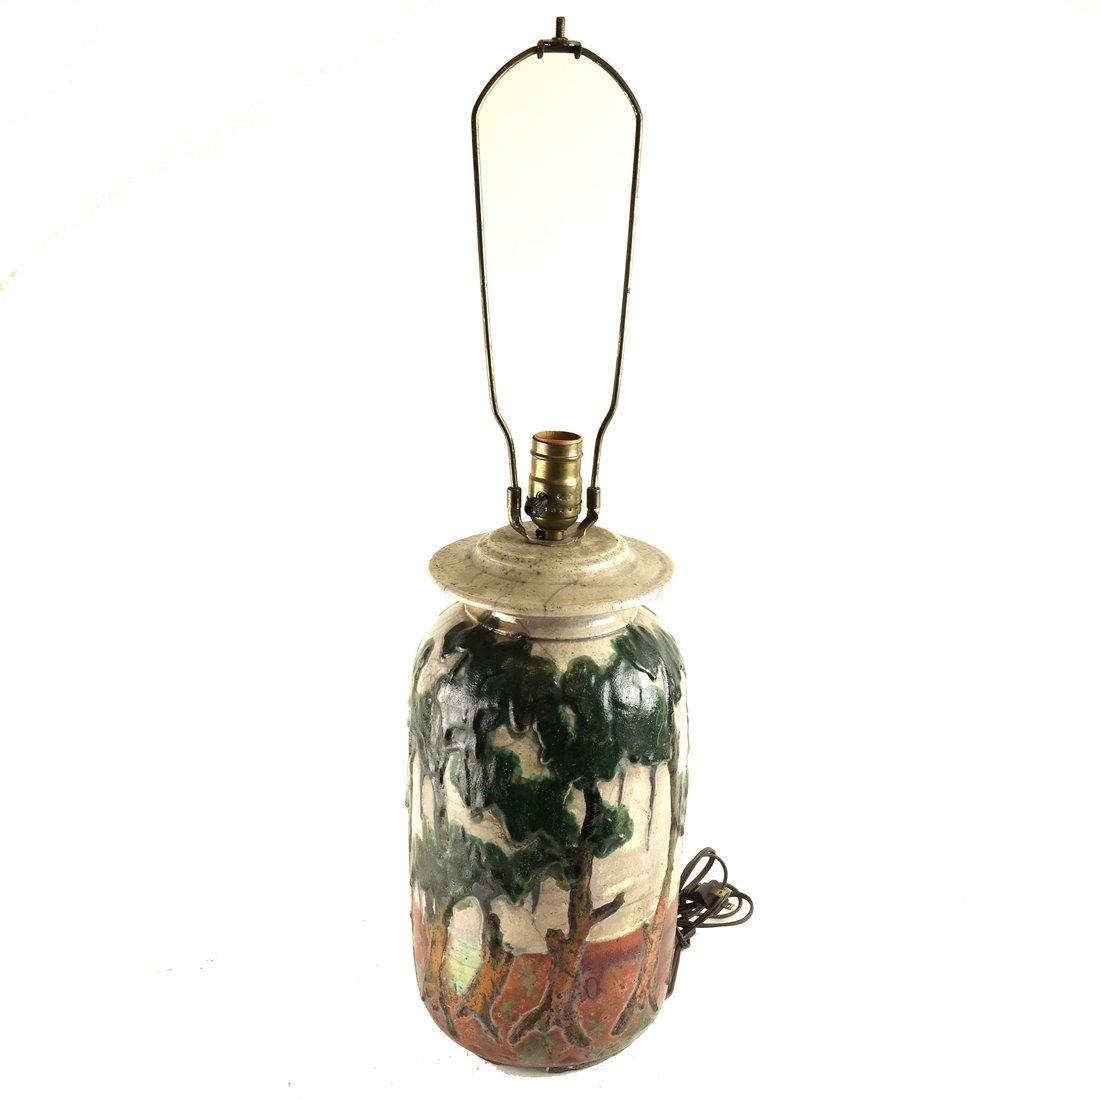 Charles Bohn Ceramic Lamp - 5